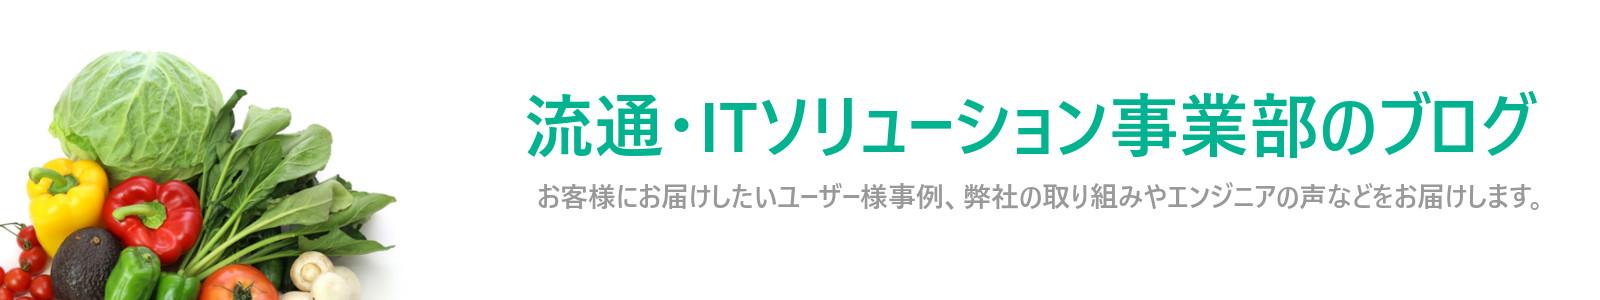 流通・ITソリューション事業部のブログ